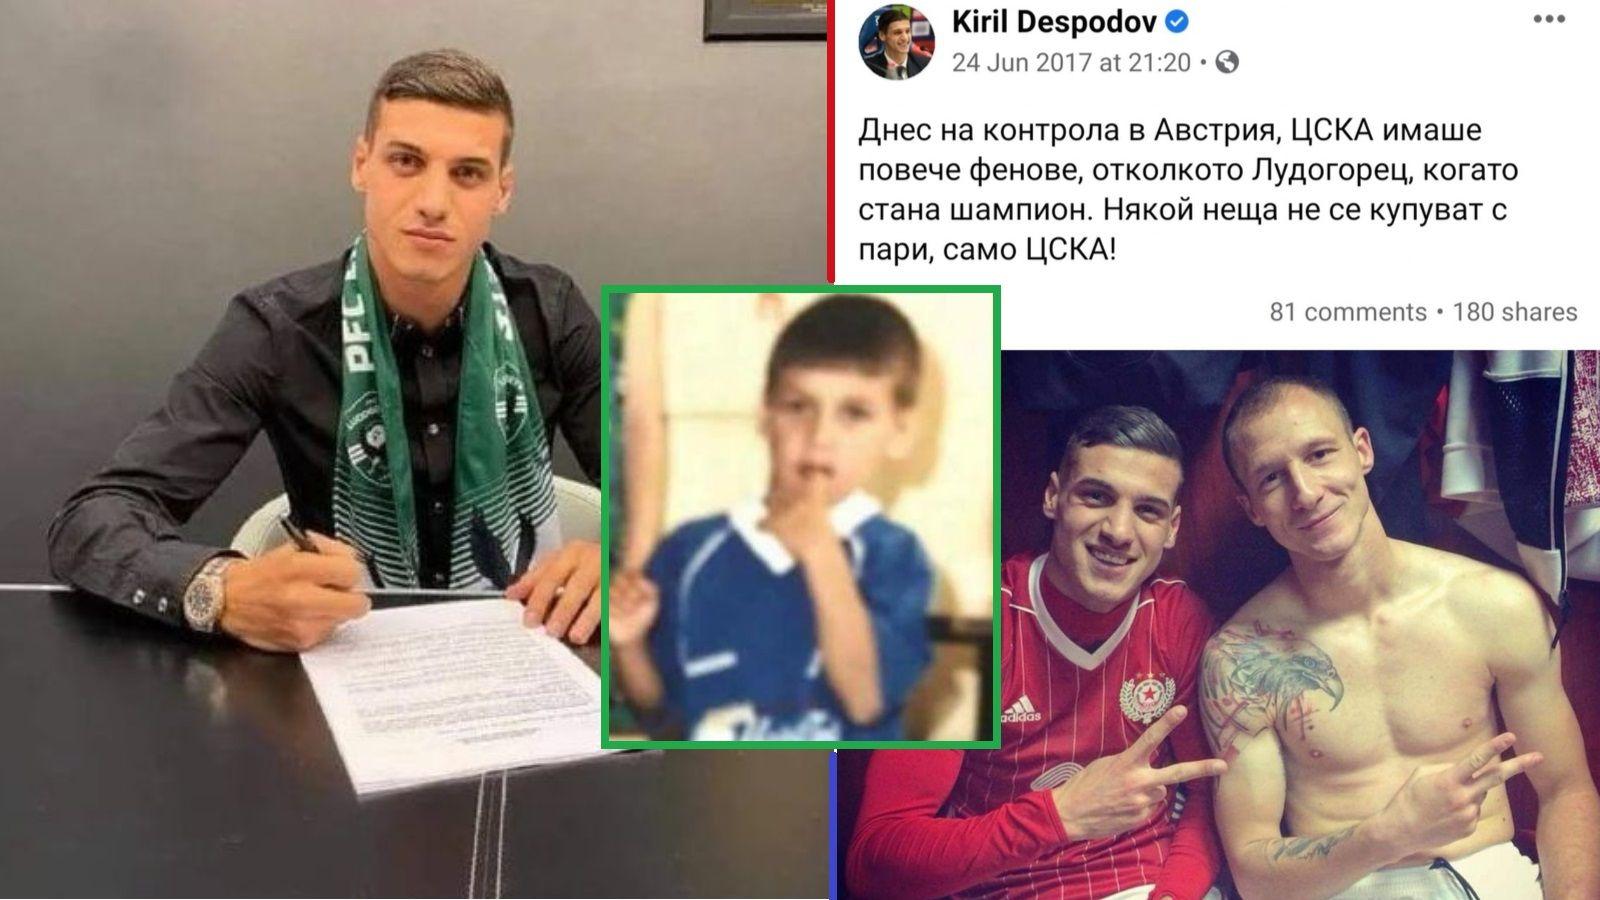 """Десподов: """"Някои неща не се купуват с пари. Само ЦСКА..."""" 1"""